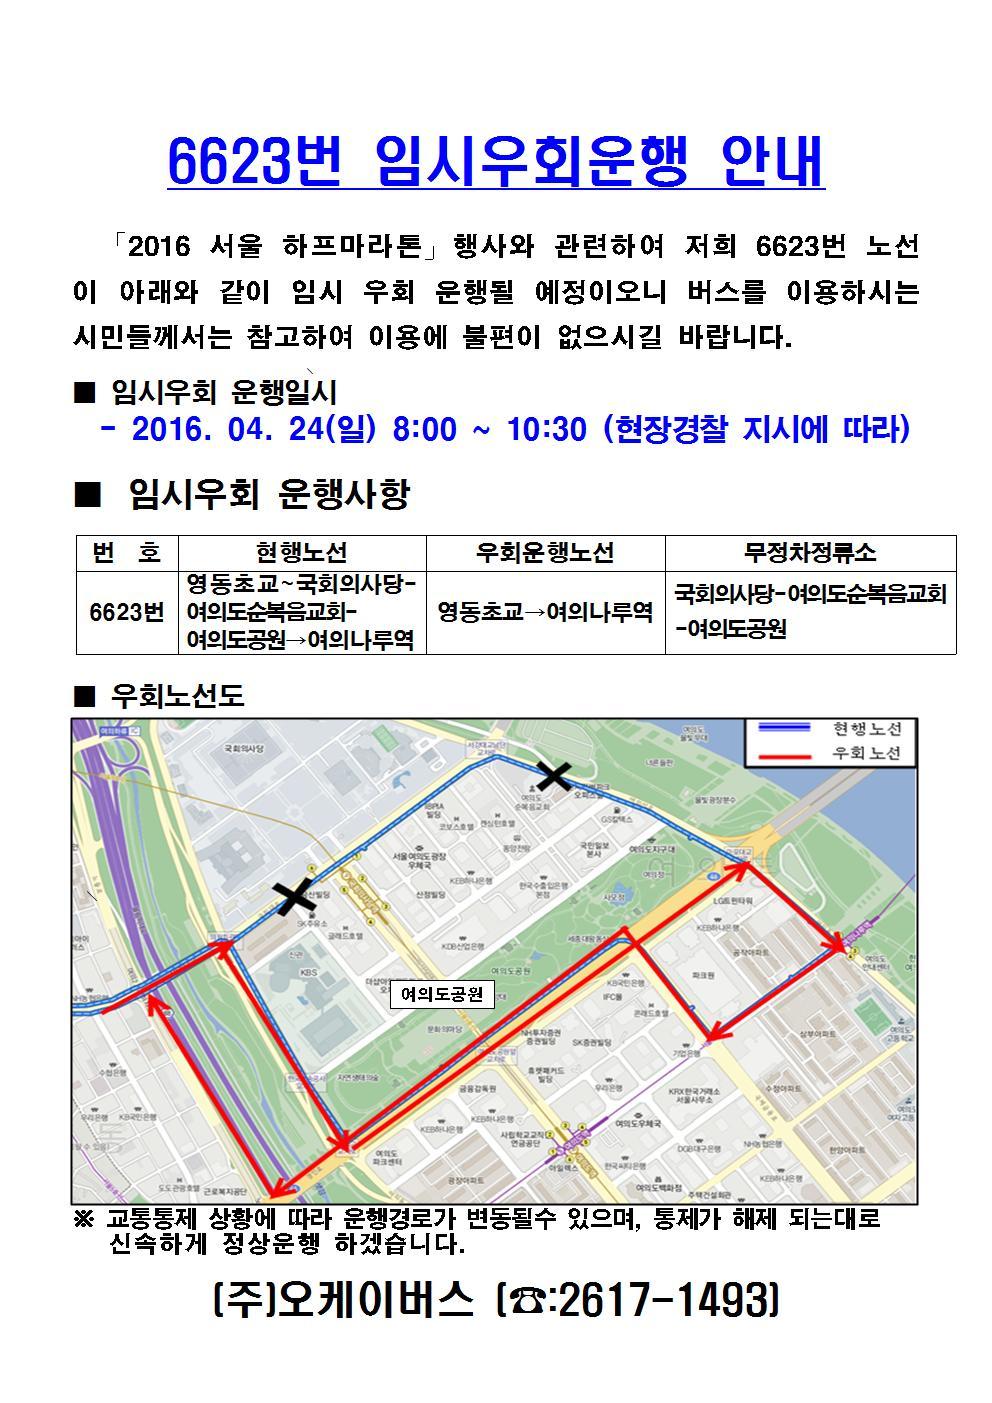 하프마라톤운행안내문(오케이버스)_04월24일002.jpg